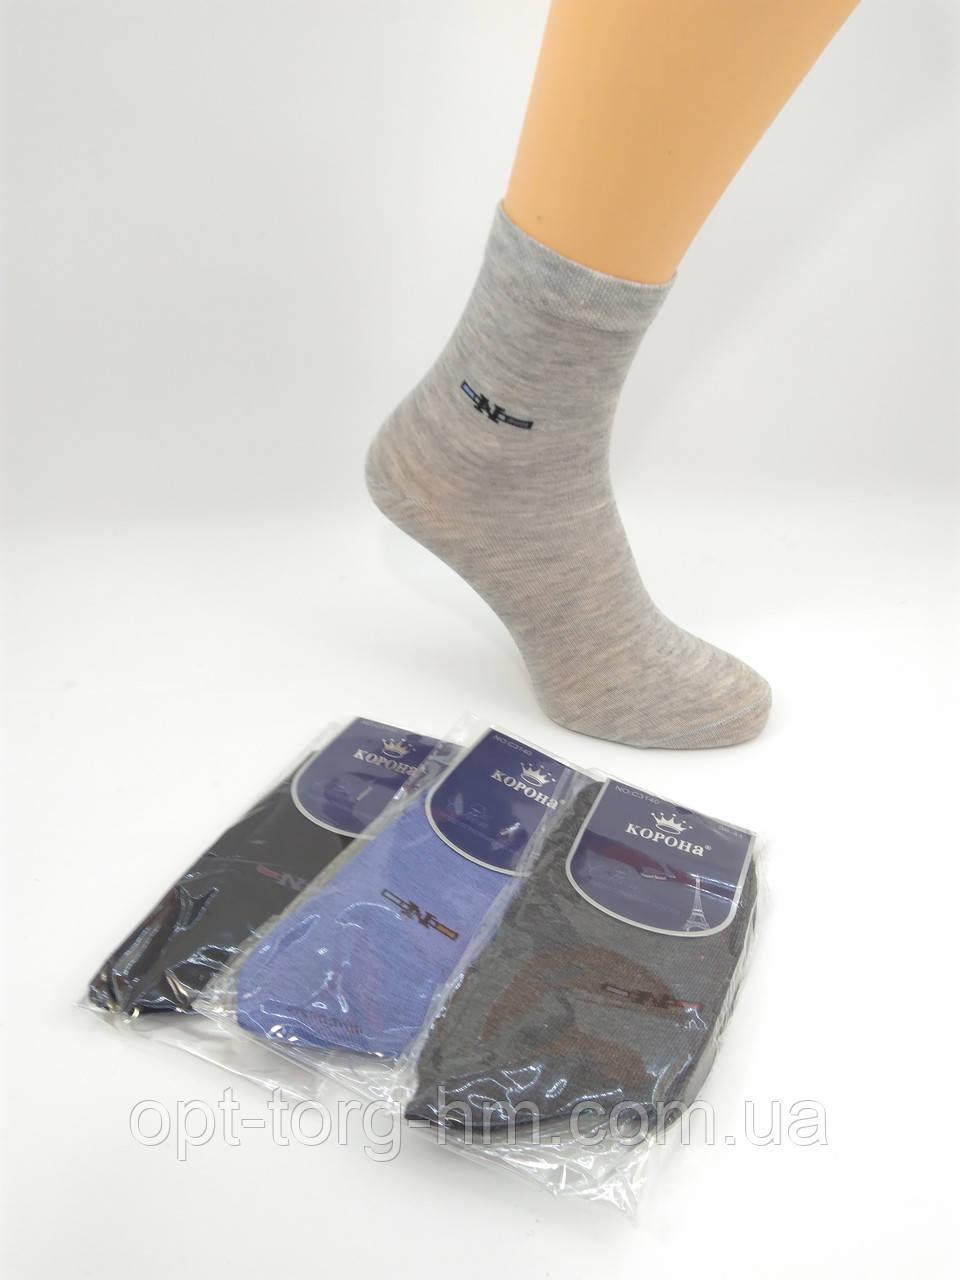 """Подростковые носки """"Корона """" (36-41 Обувь)"""